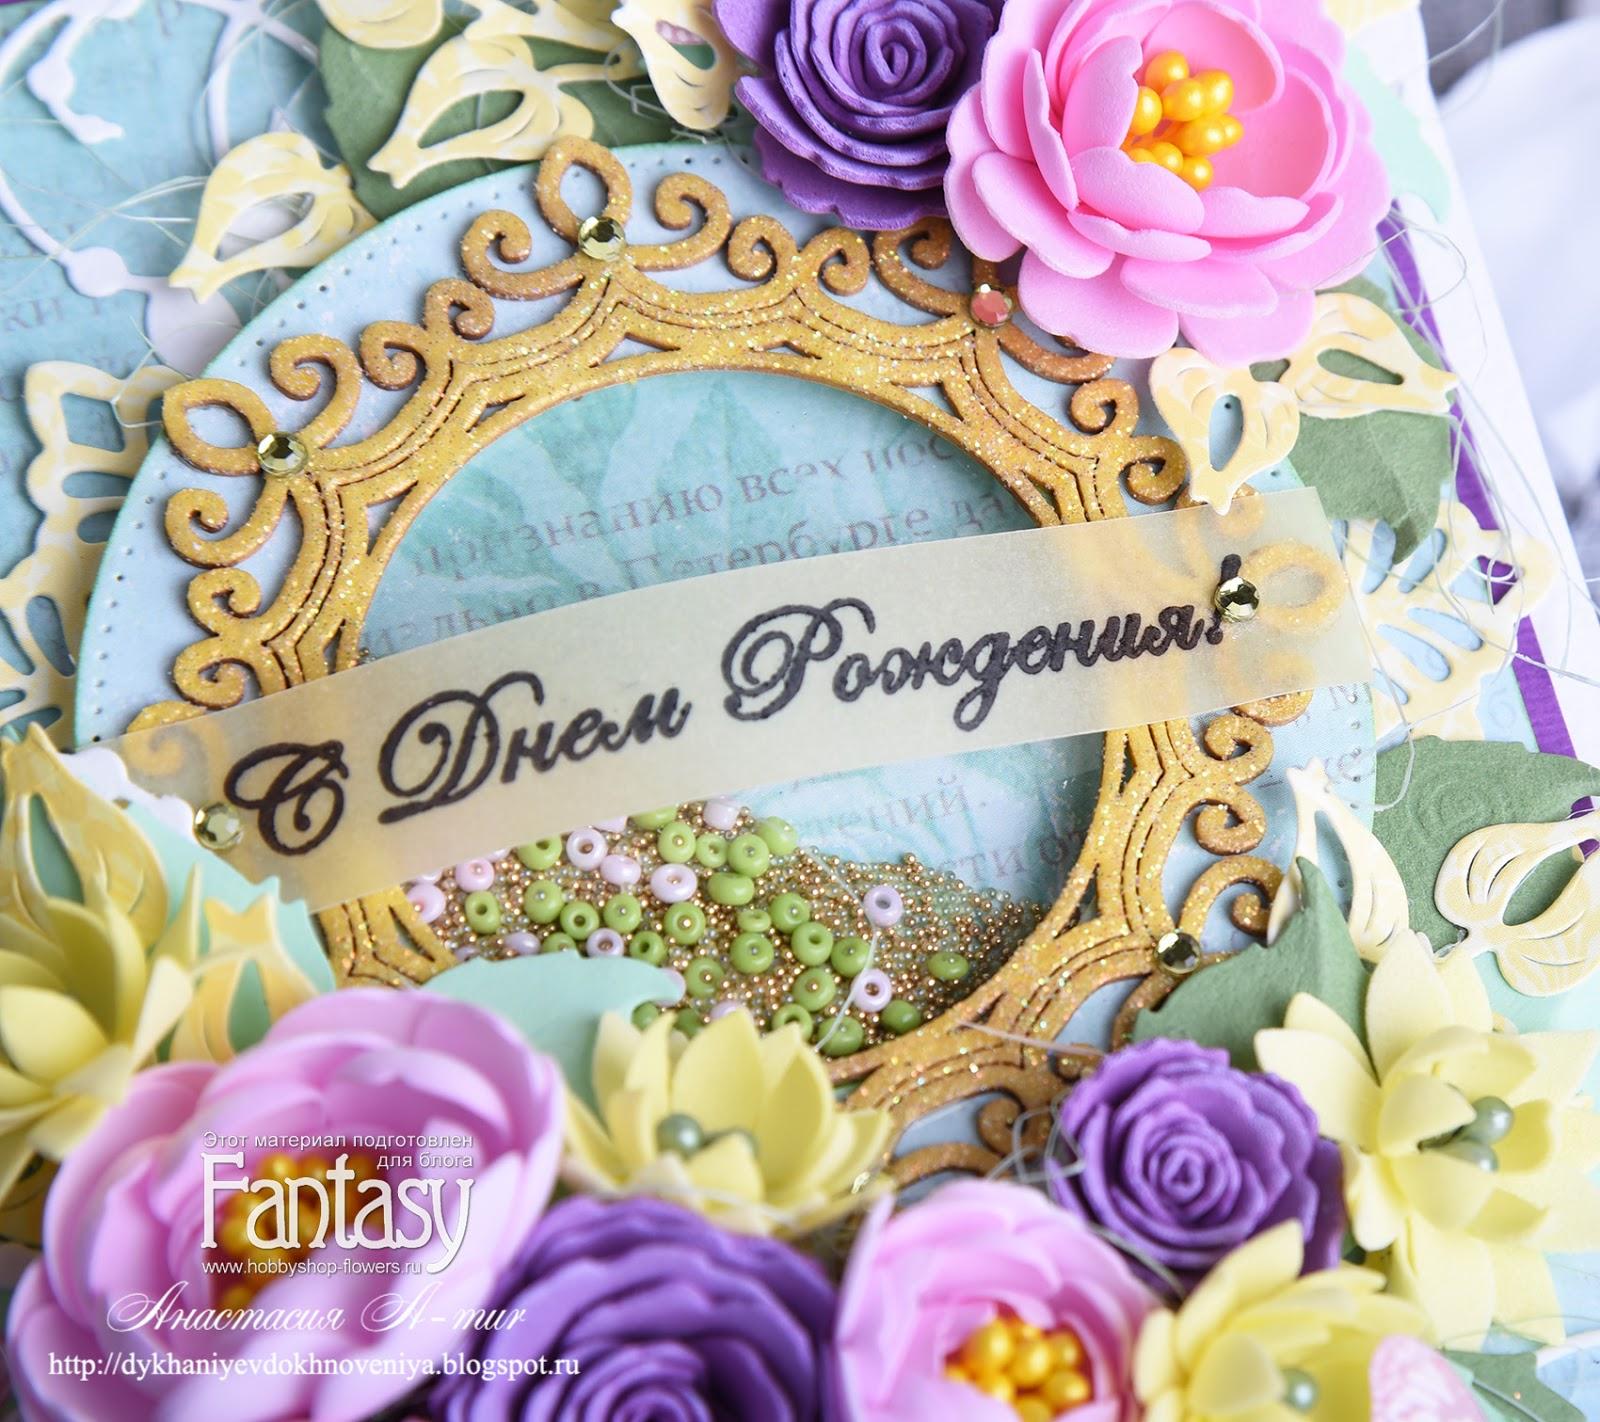 Спасибо за цветочки открытки